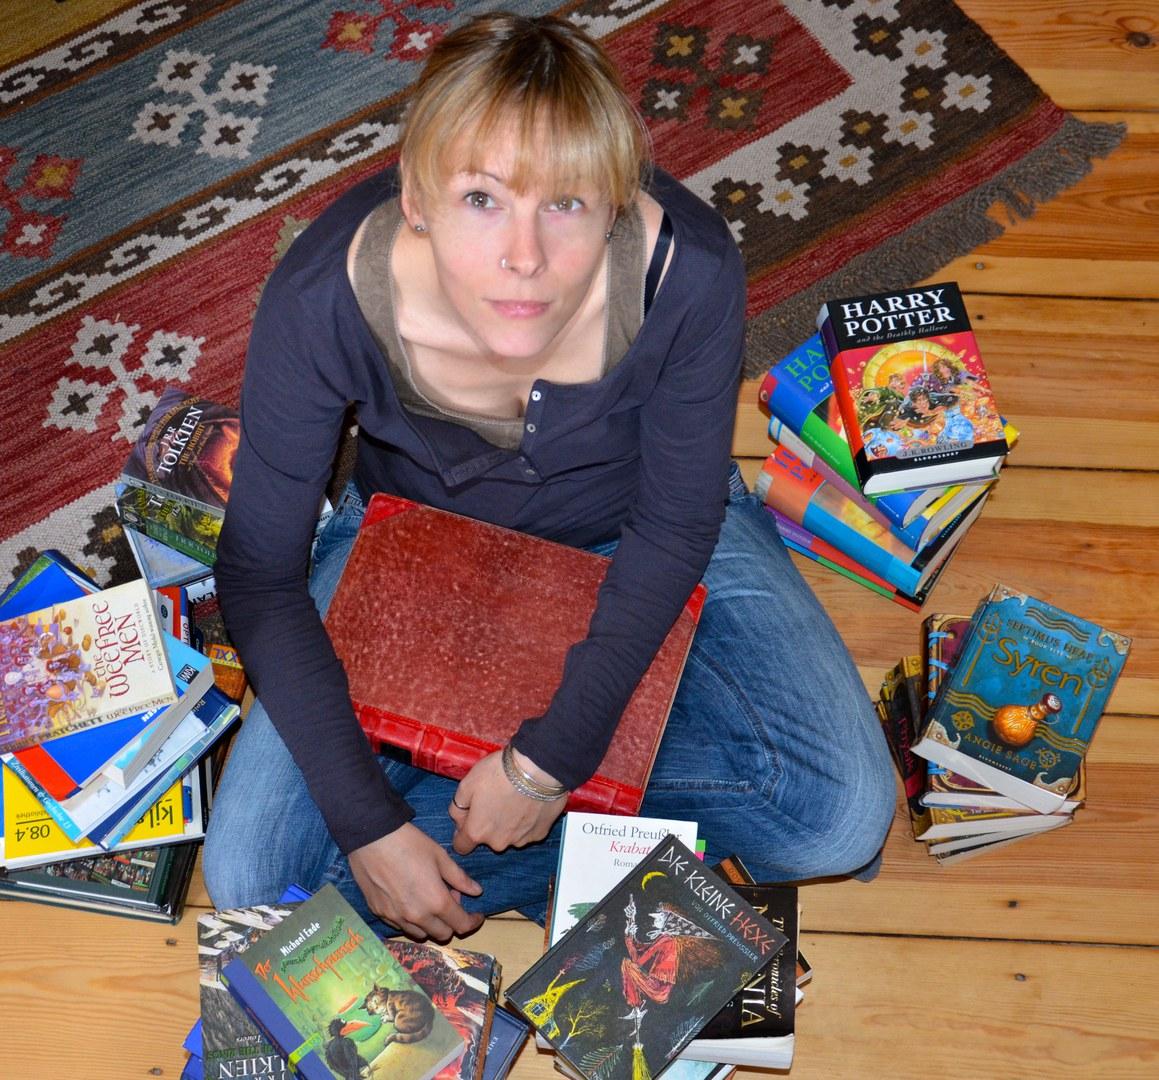 Umringt von Kinder- und Jugendbüchern: